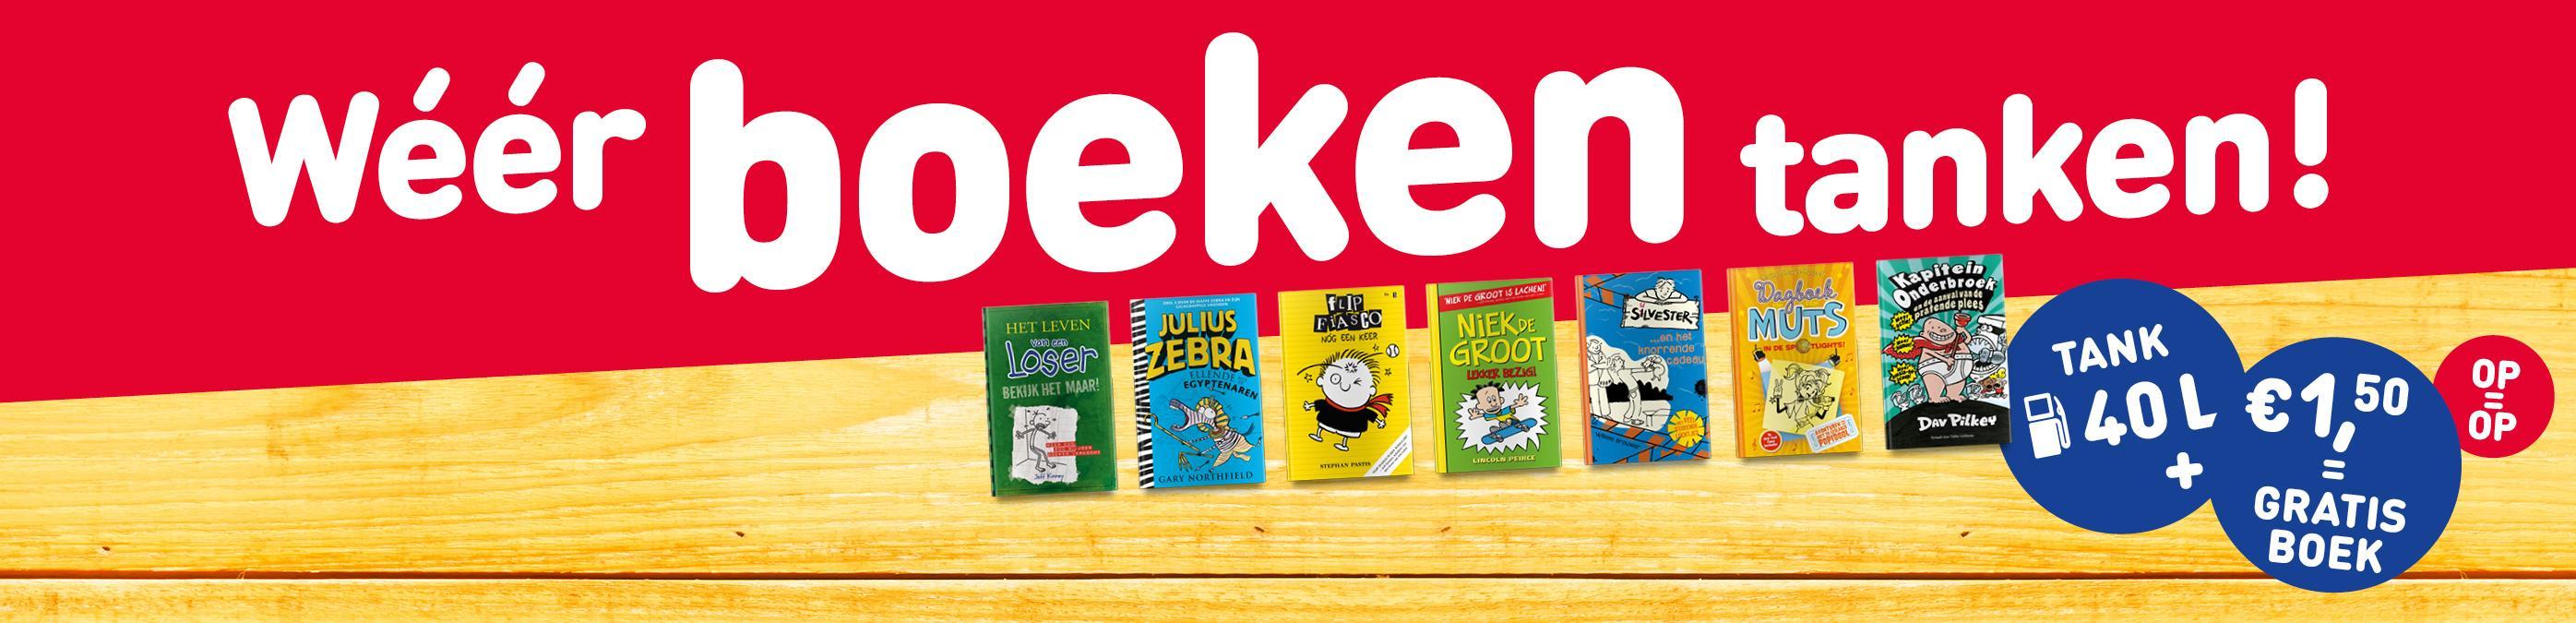 Jeugdboeken voor €1,50 bij Total *zonder te tanken!*